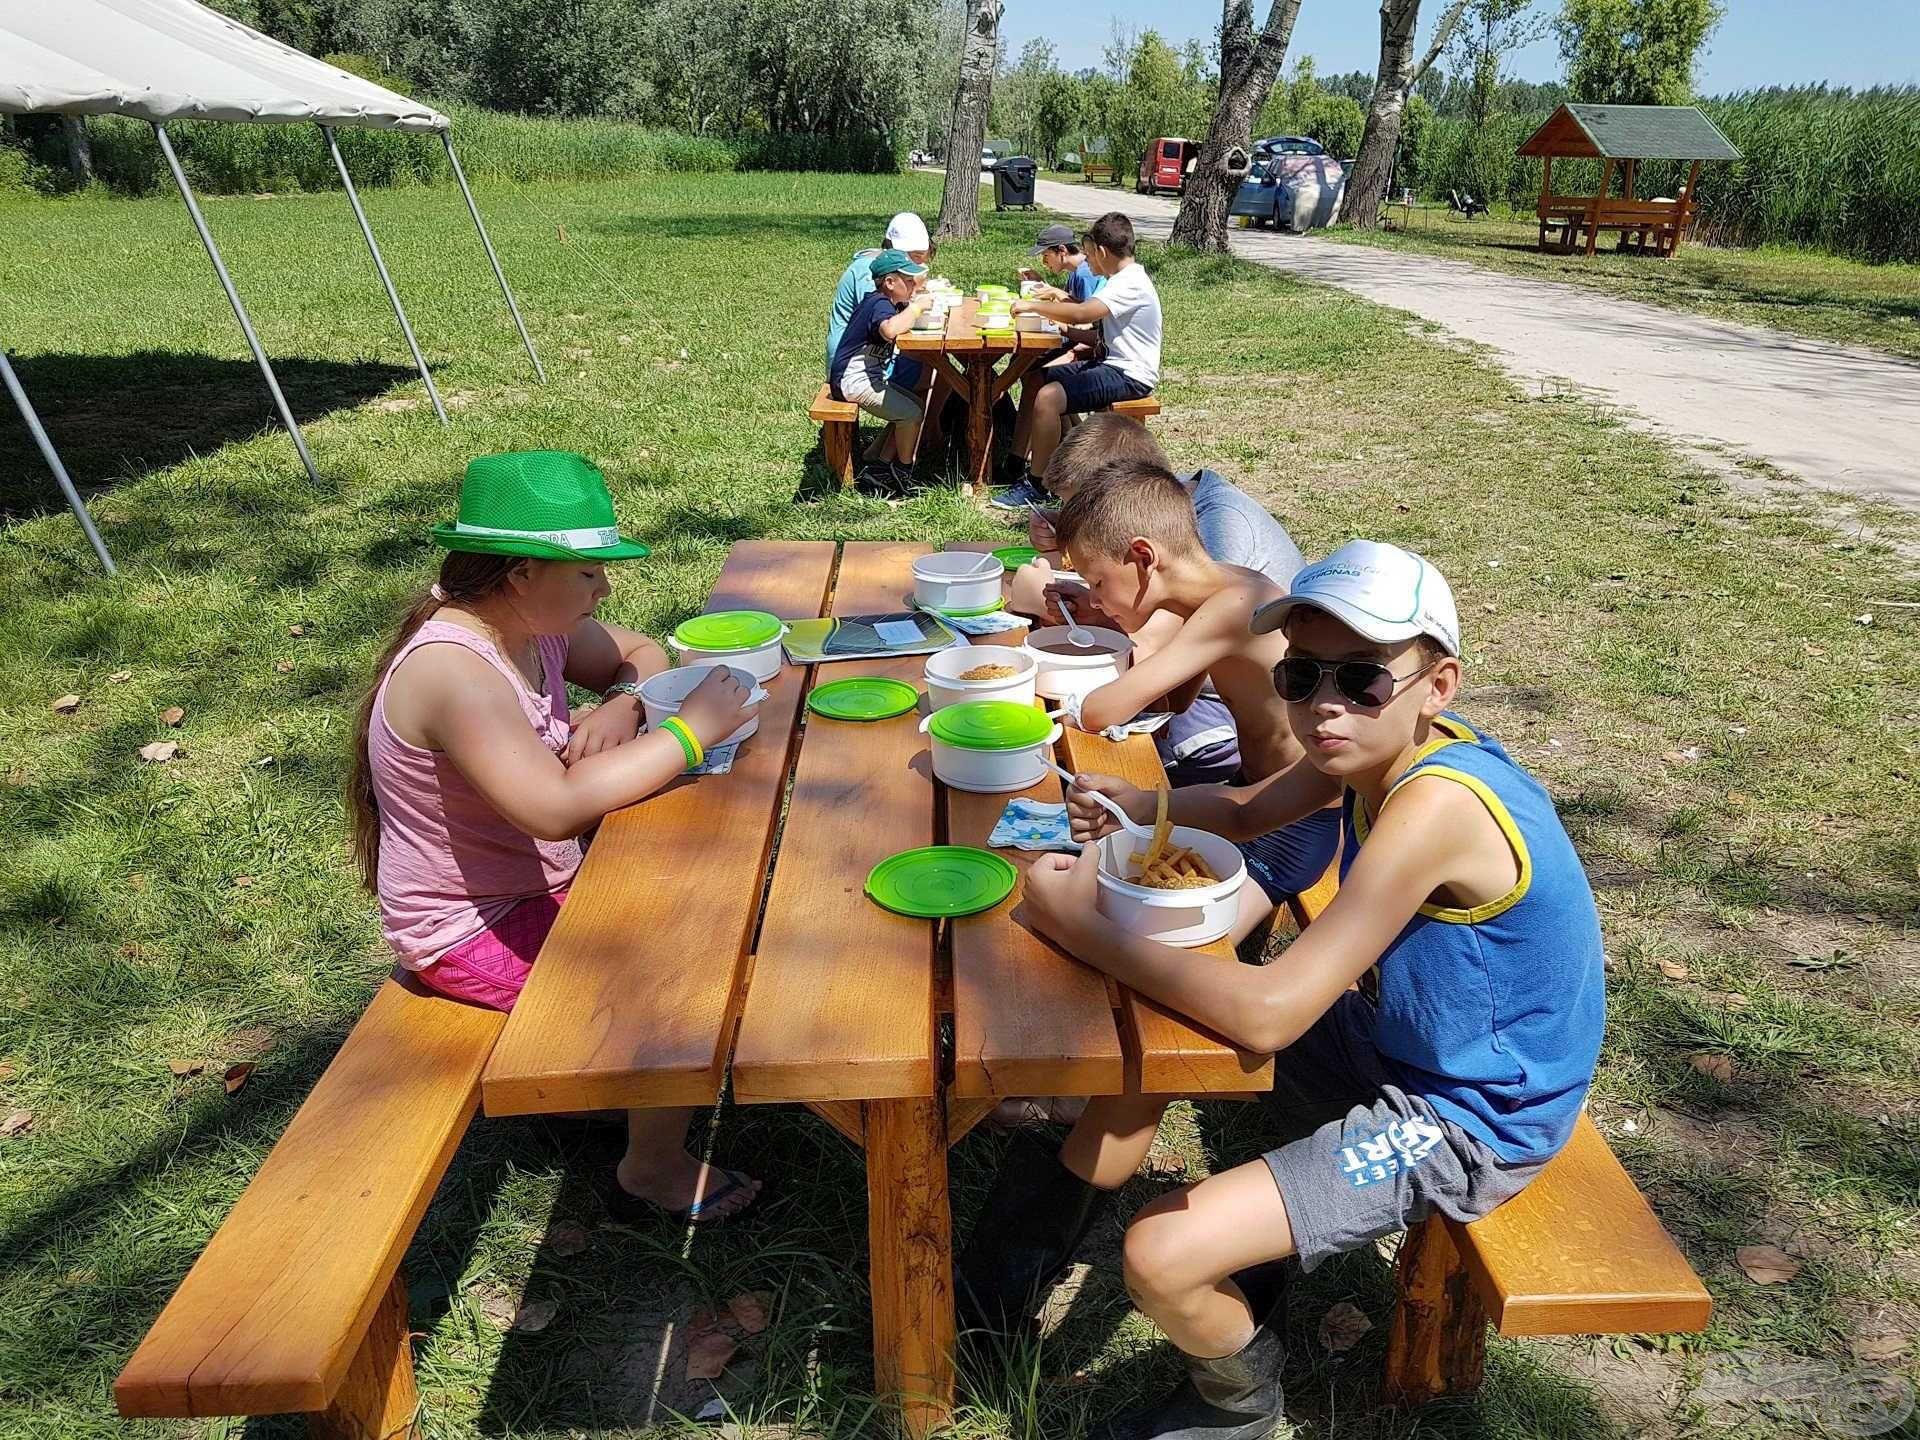 A horgásztábor a gyermekek megfelelő élelmezéséről is gondoskodott kétfogásos főtt étel formájában